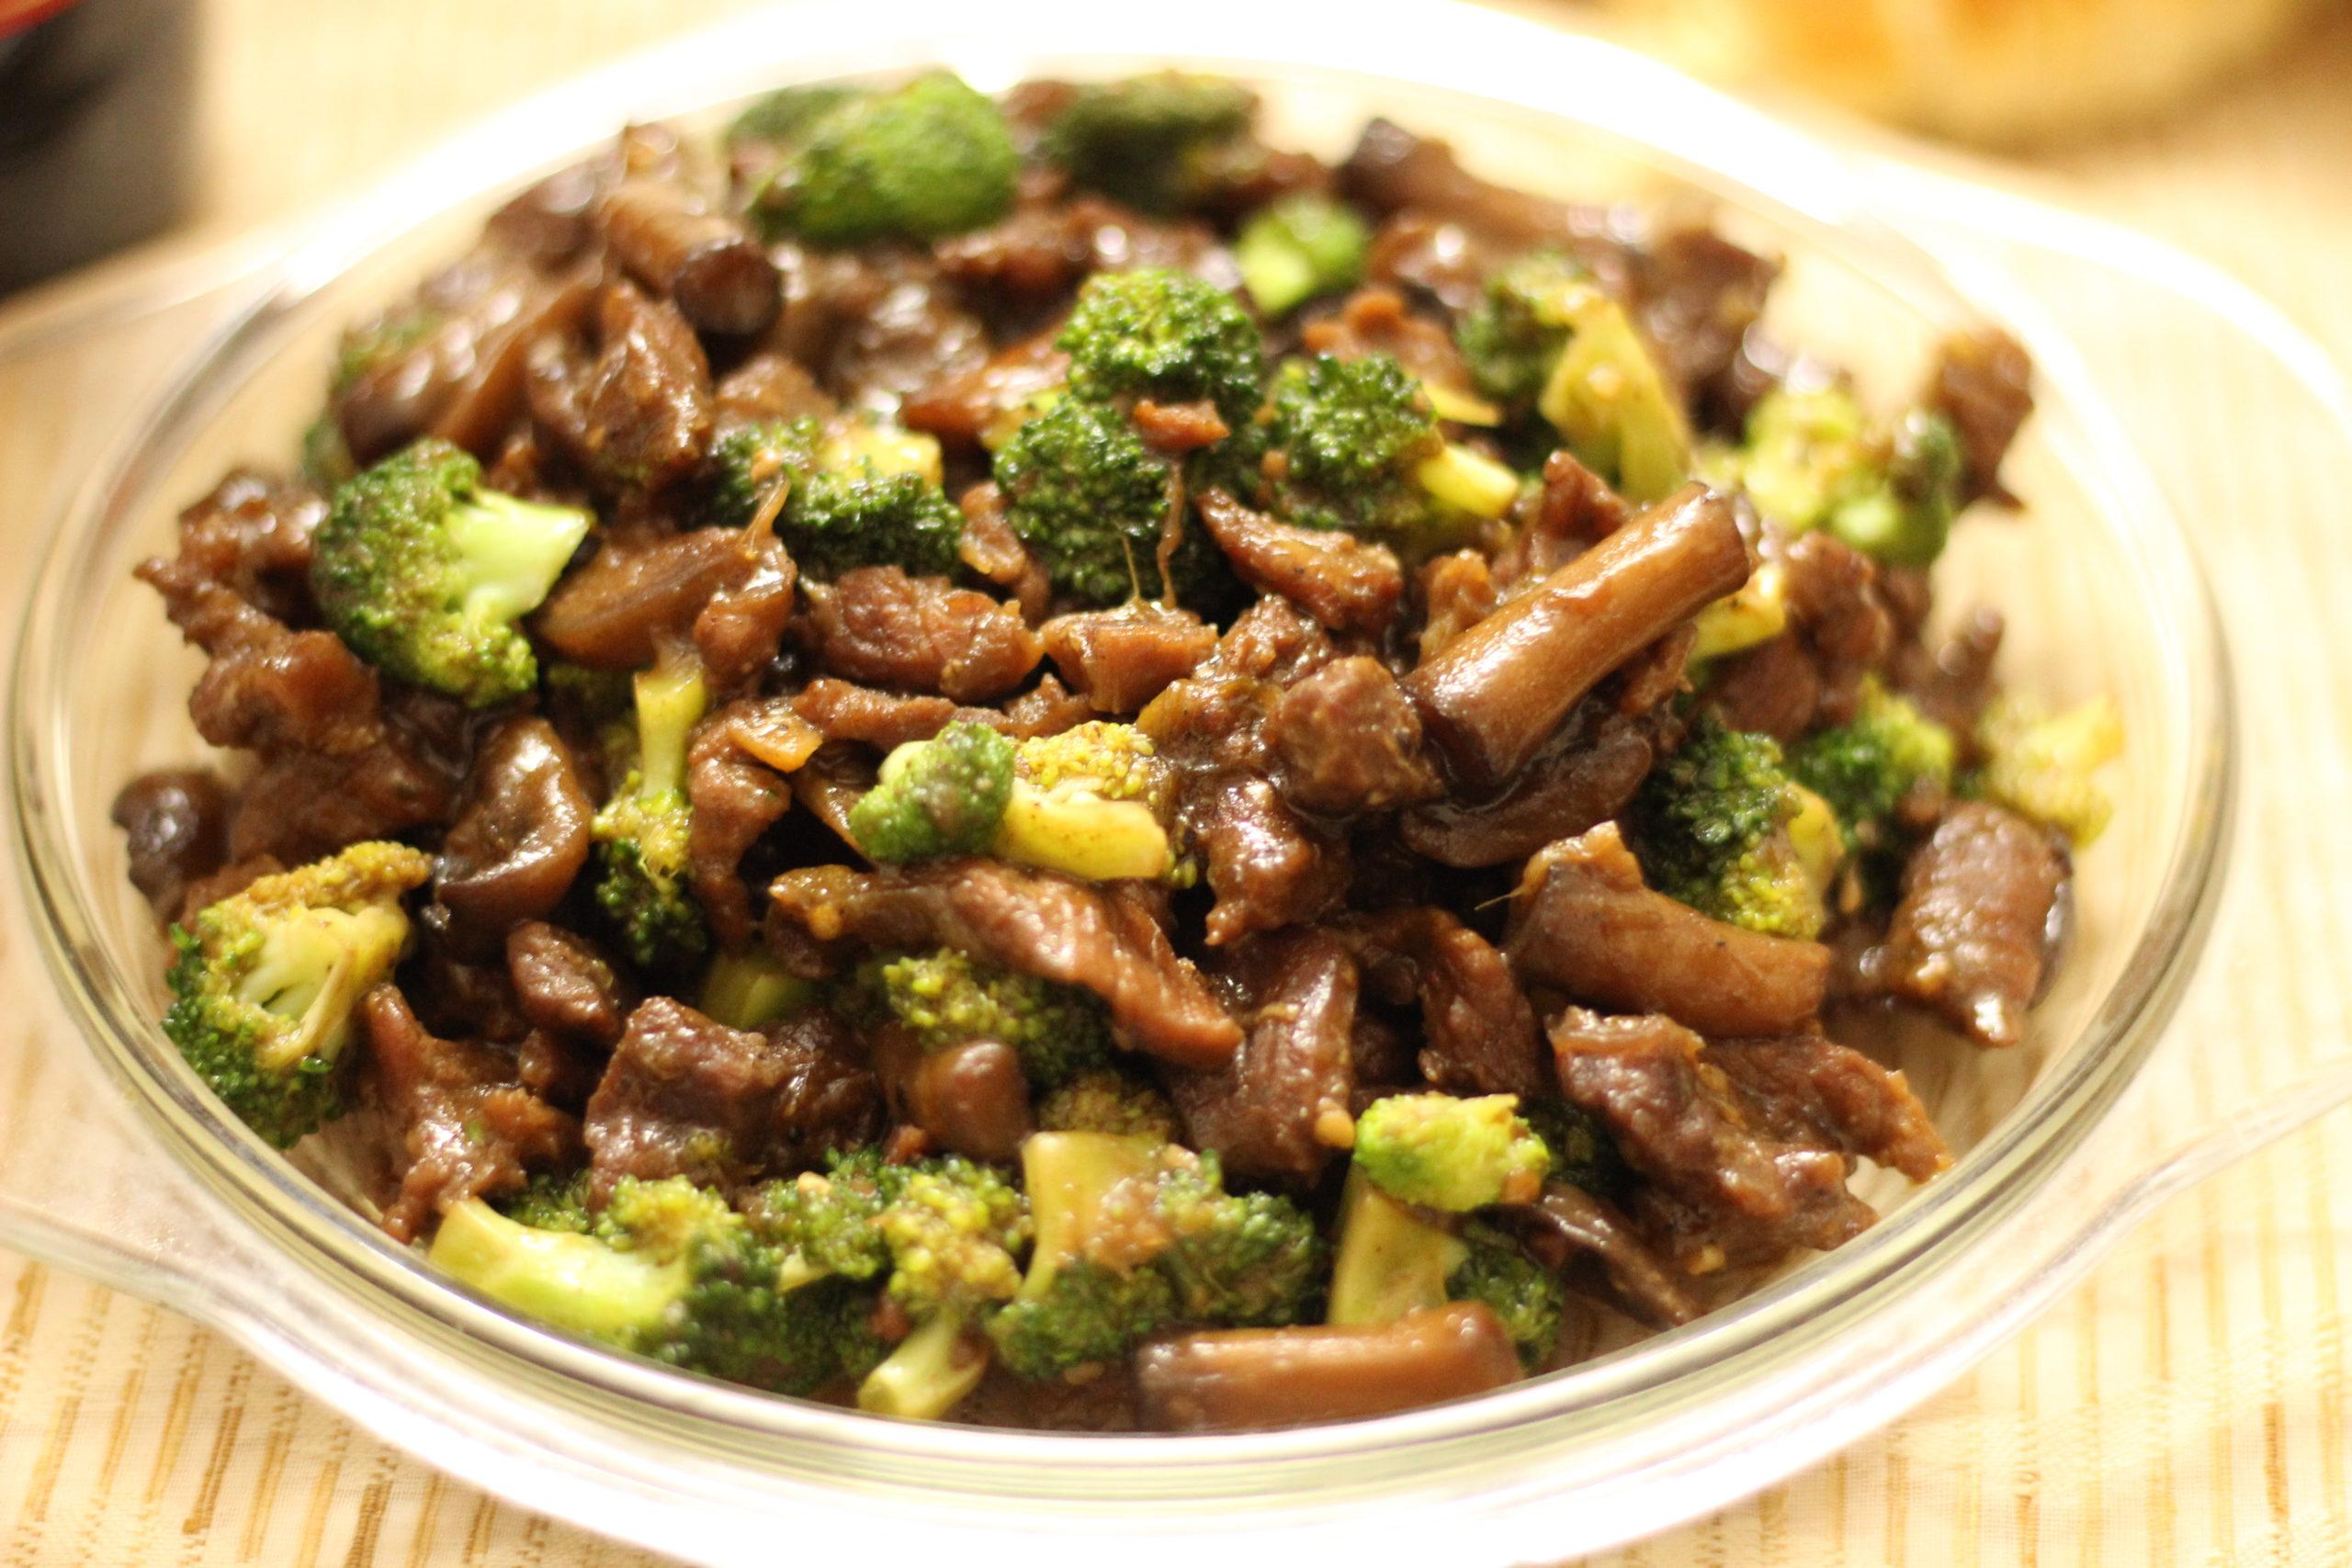 Meat Broccoli Stir Fry